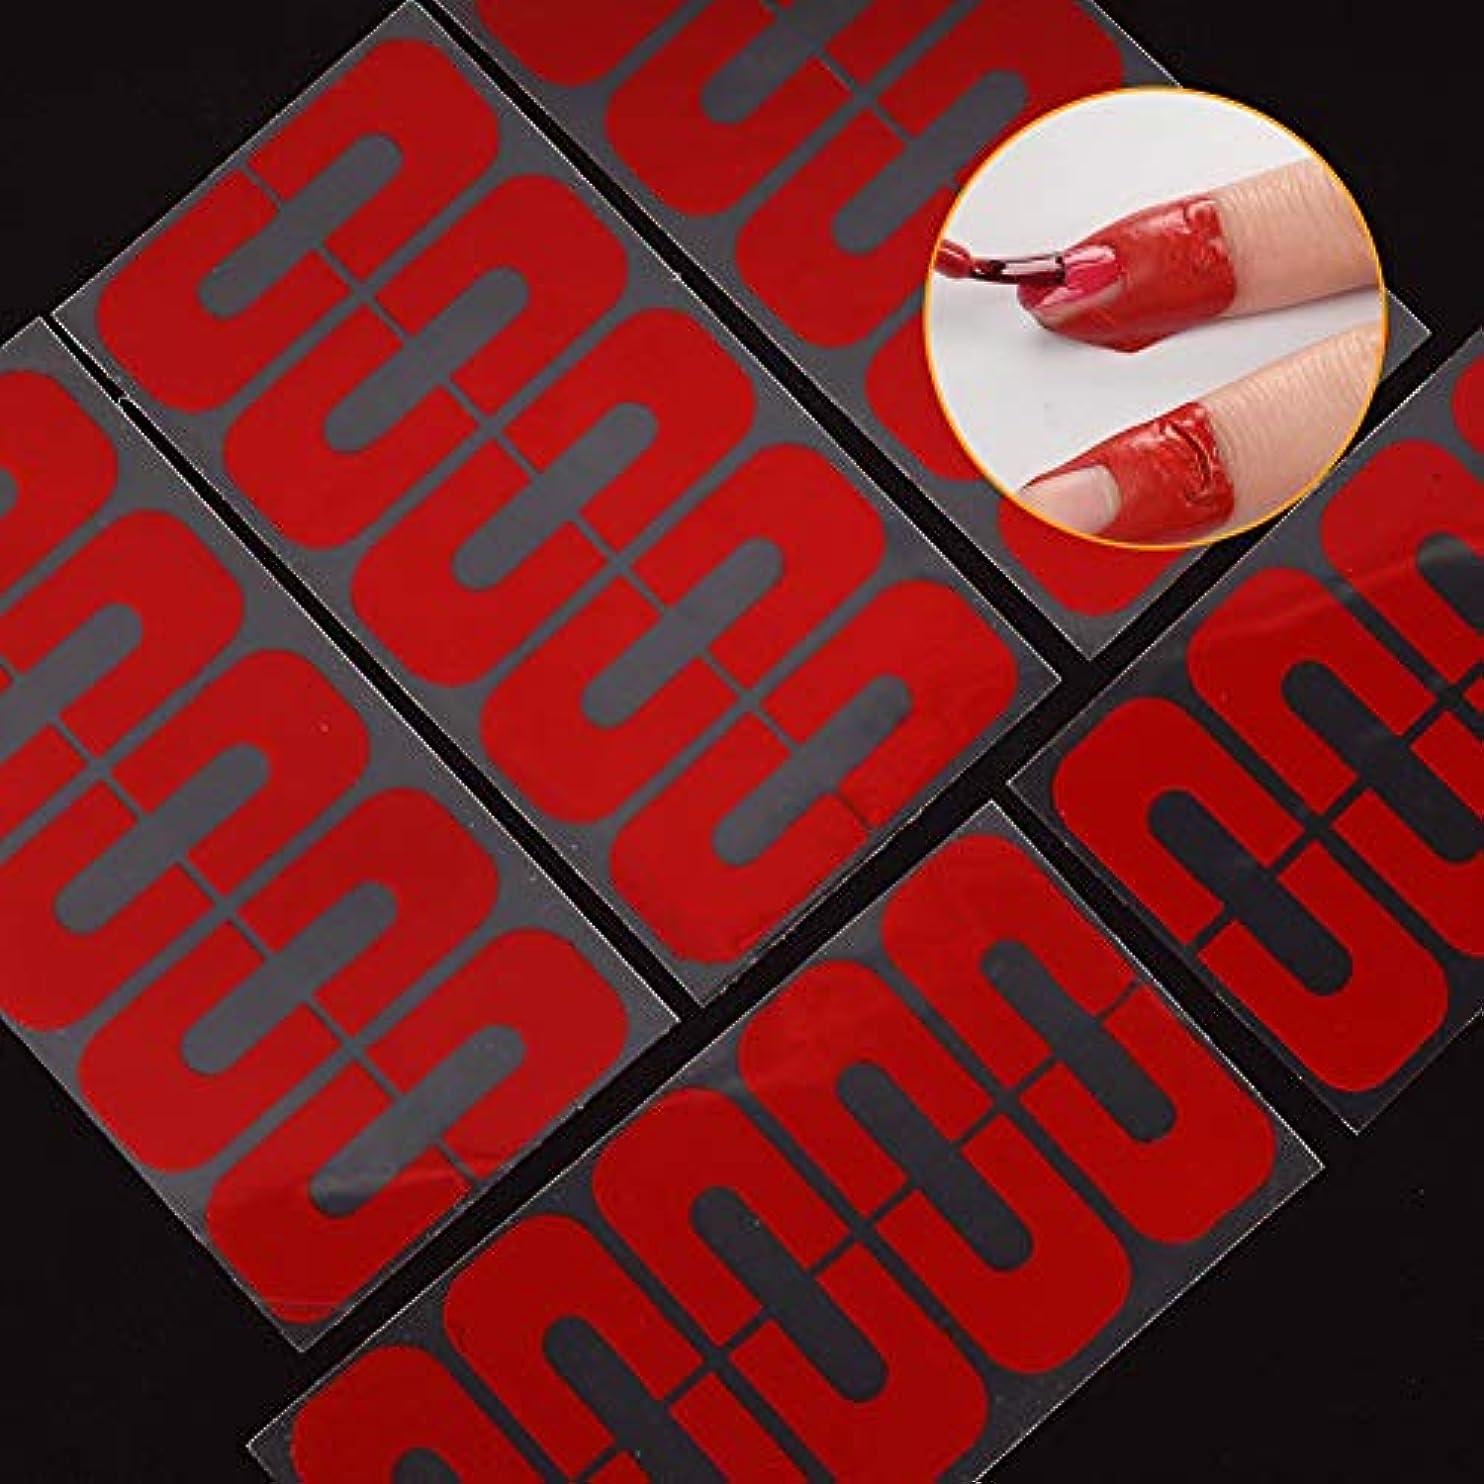 コンパニオン項目グラムhamulekfae-50個使い捨てU字型こぼれ防止ネイルプロテクター弾性指カバーステッカー - 赤50個Red50pcs